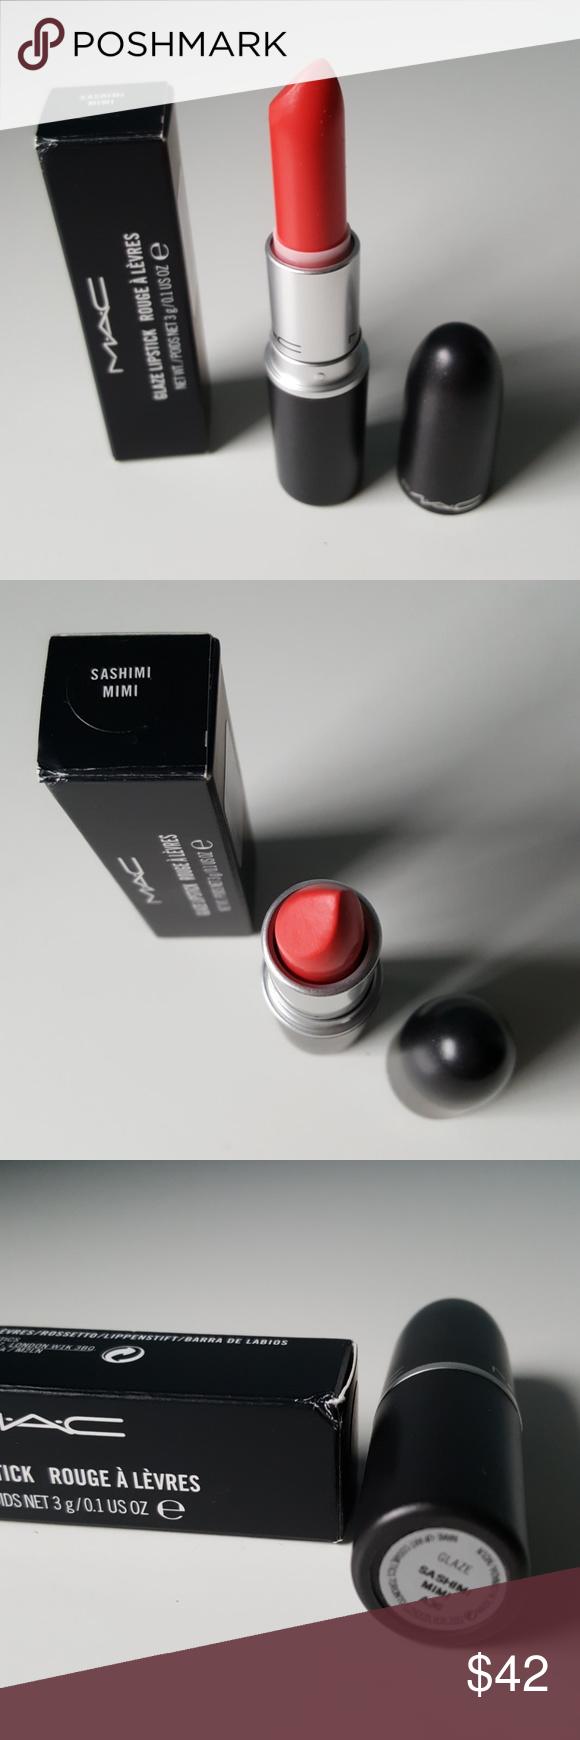 RARE ☆ MAC Cosmetics SASHIMI MIMI Lipstick In Box in 2020